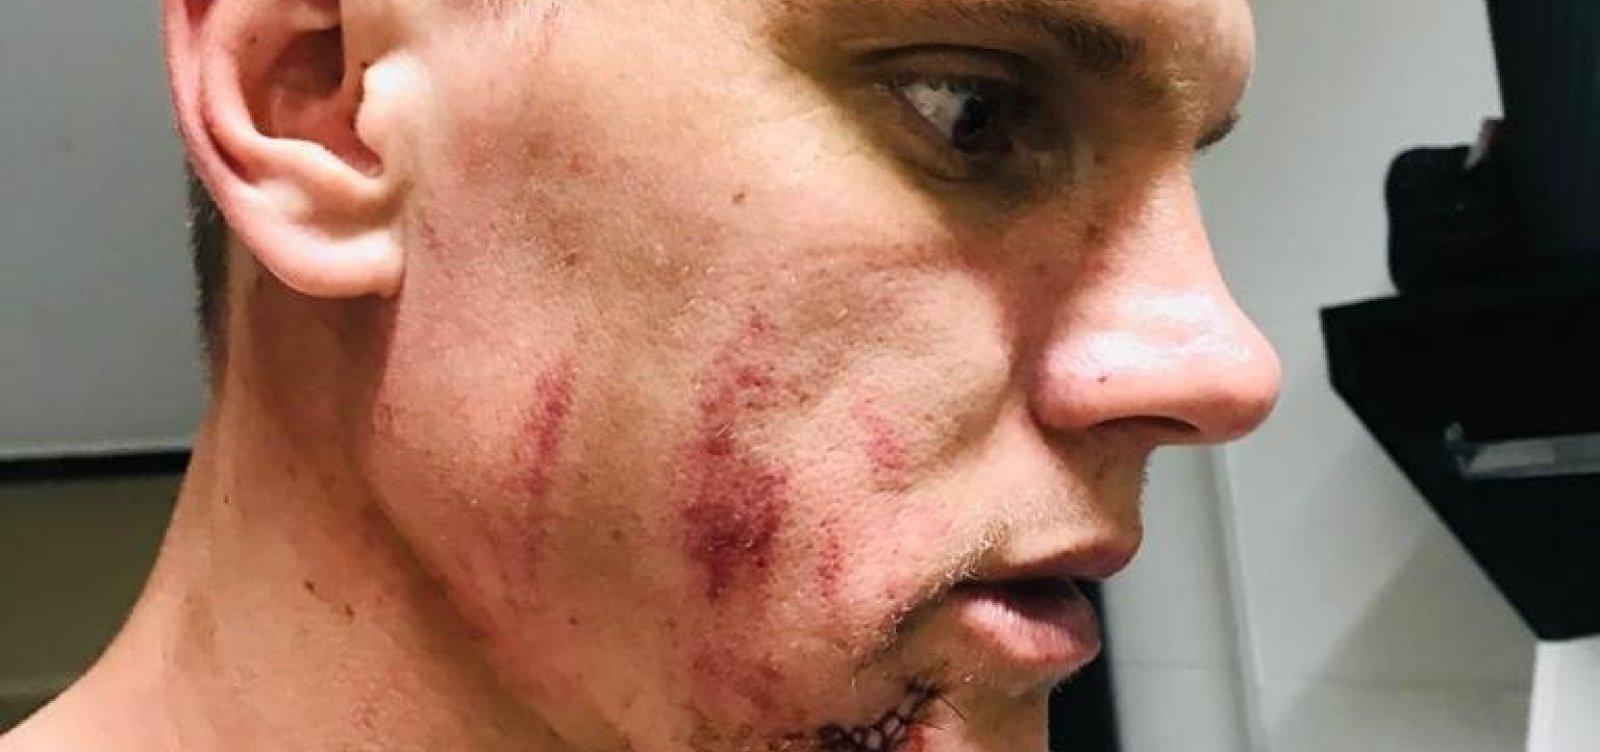 Goleiro do Bahia leva cinco pontos no rosto após choque com zagueiro do Vasco